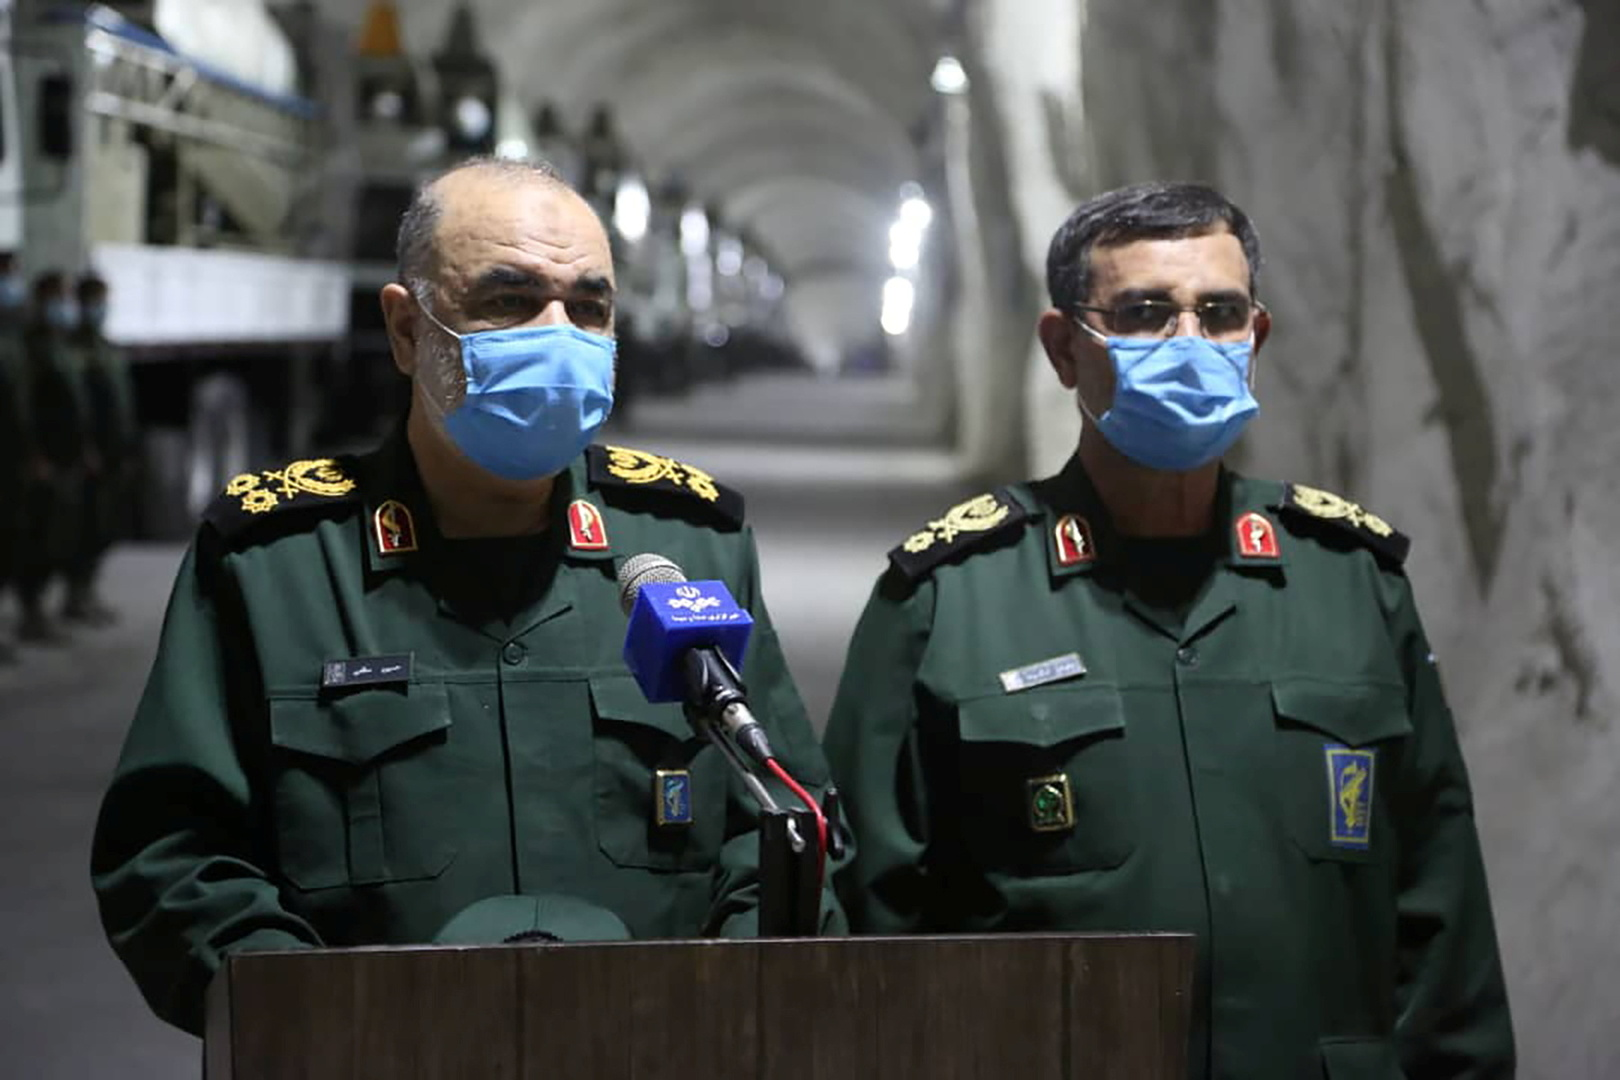 الحرس الثوري الإيراني: الخيار العسكري لم يعد مطروحا ضدنا وإيران ستكون مقبرة للمعتدين